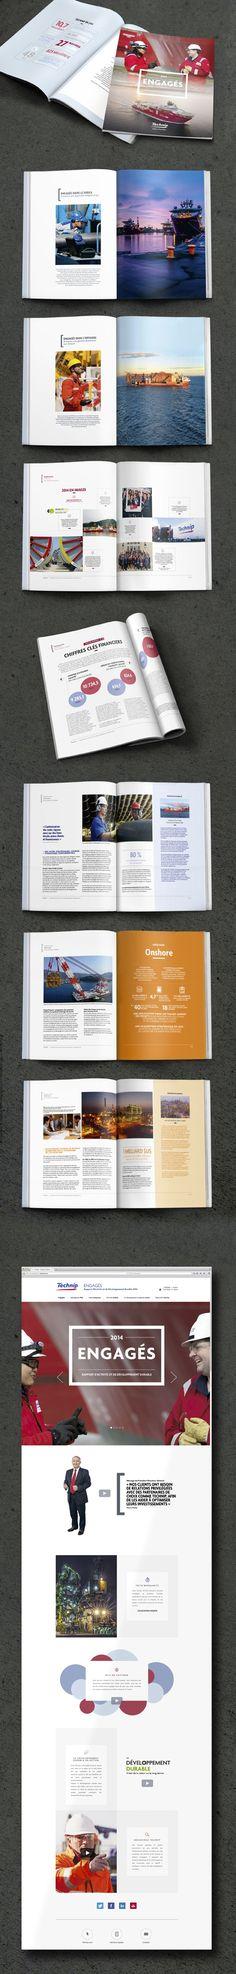 [Inspirations éditoriales] - Mise en page d'un magazine de plusieurs pages